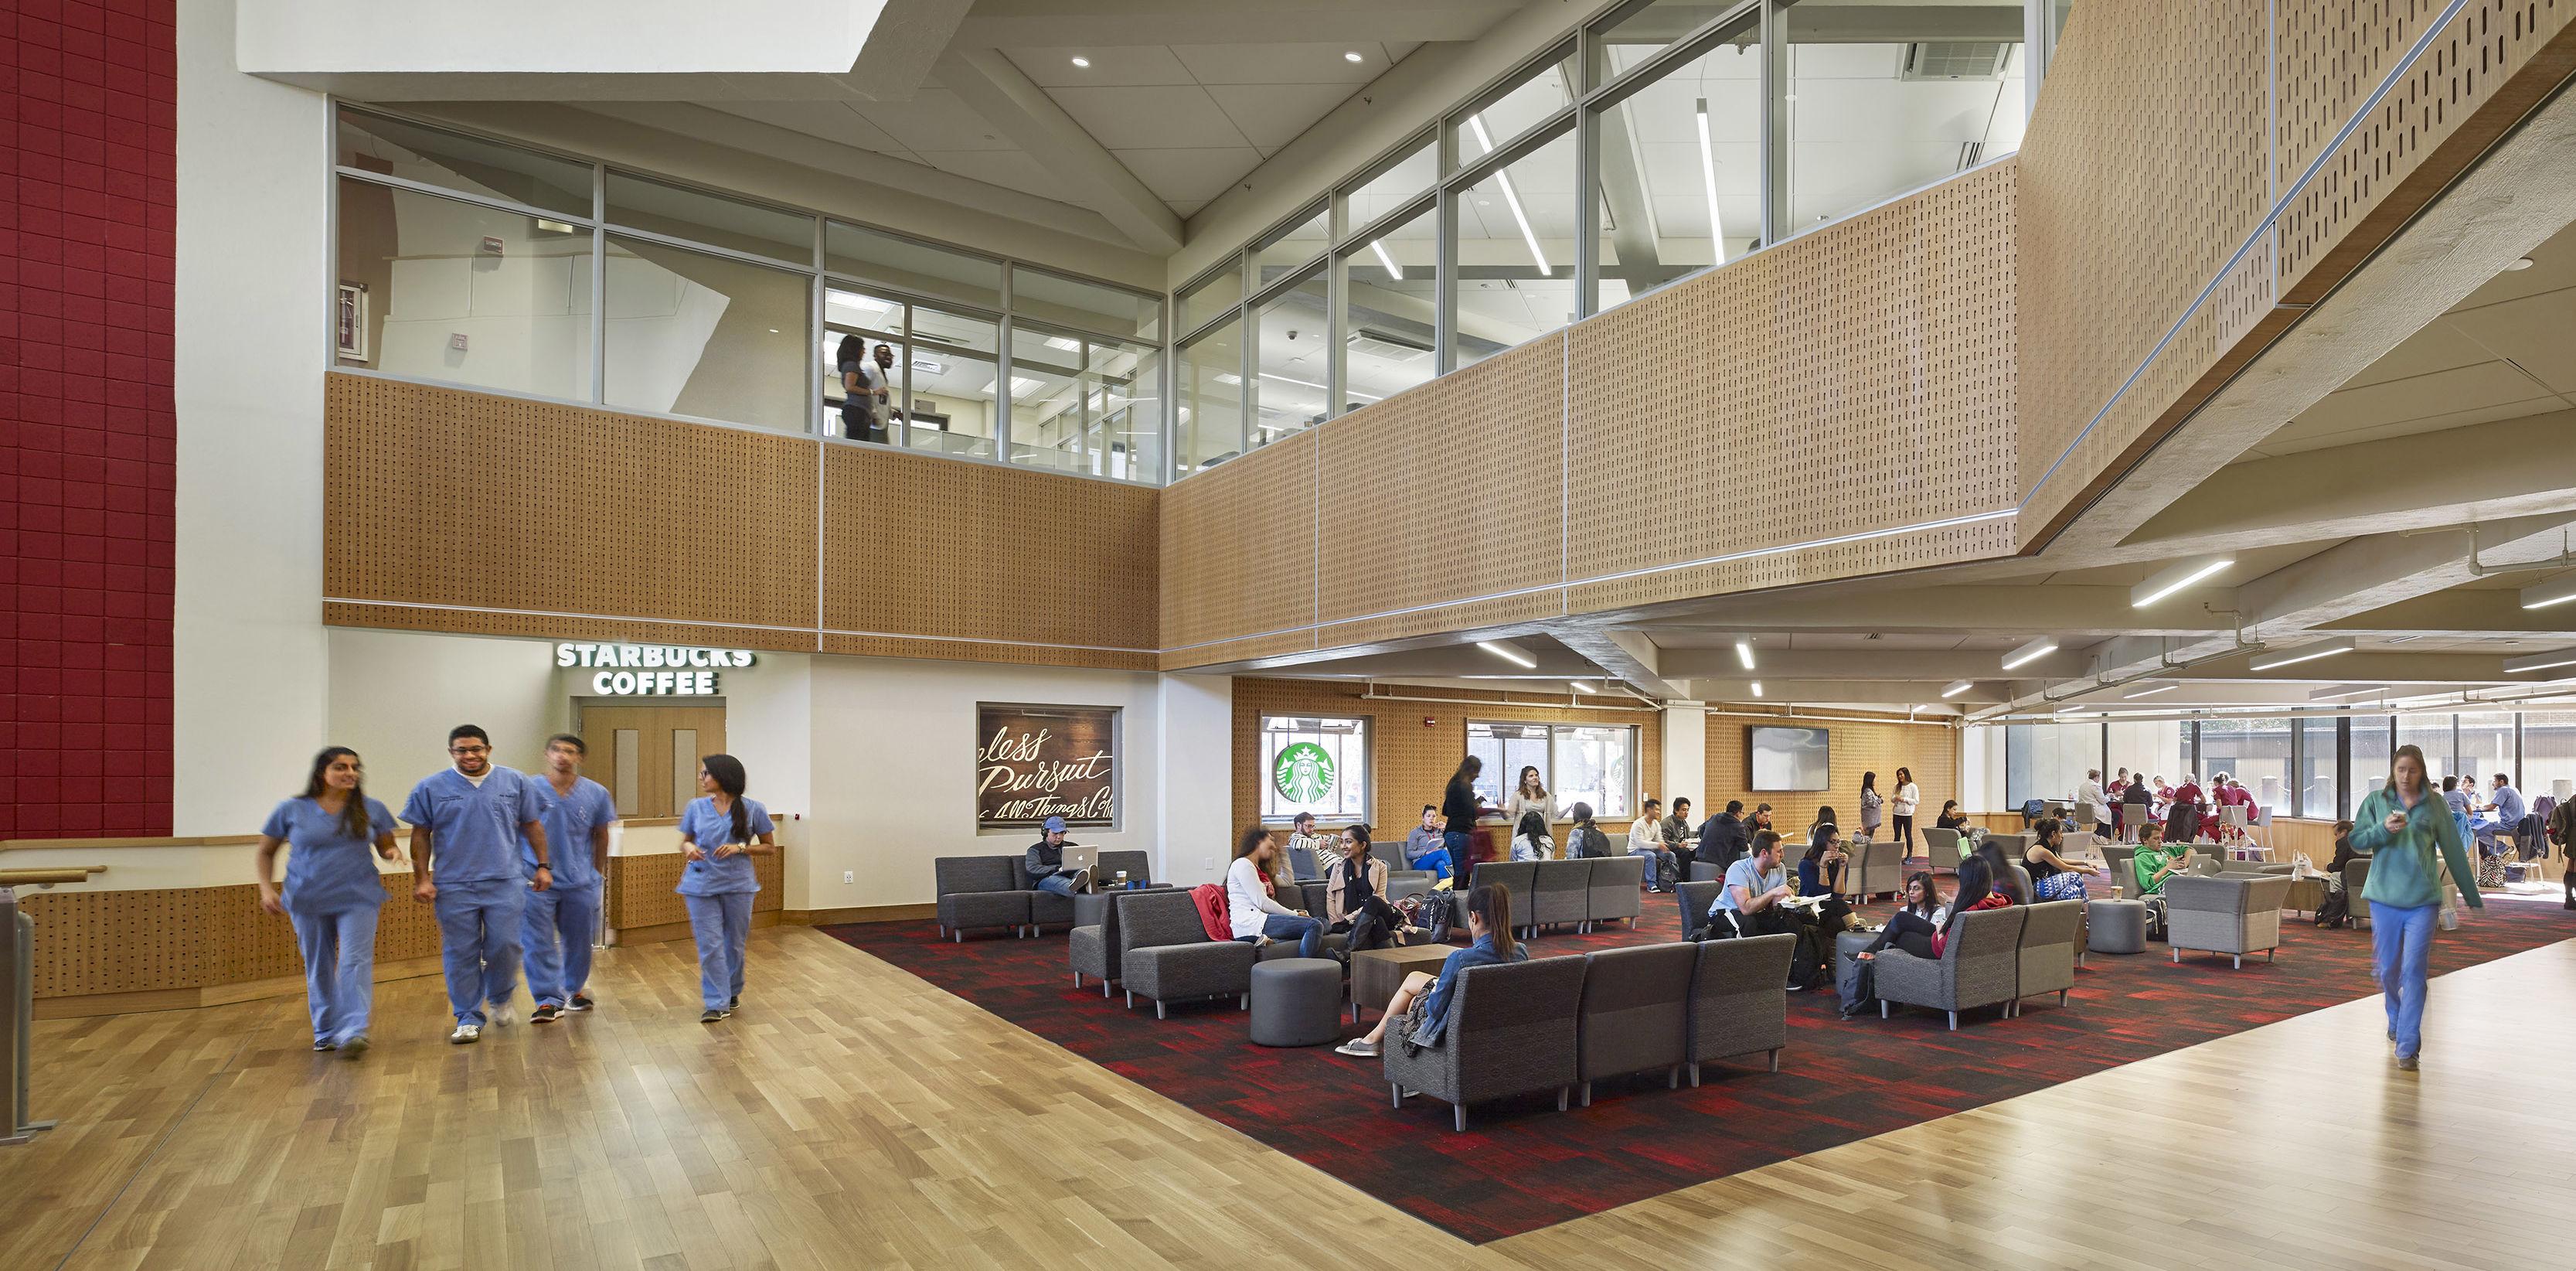 SFC 1st floor lobby